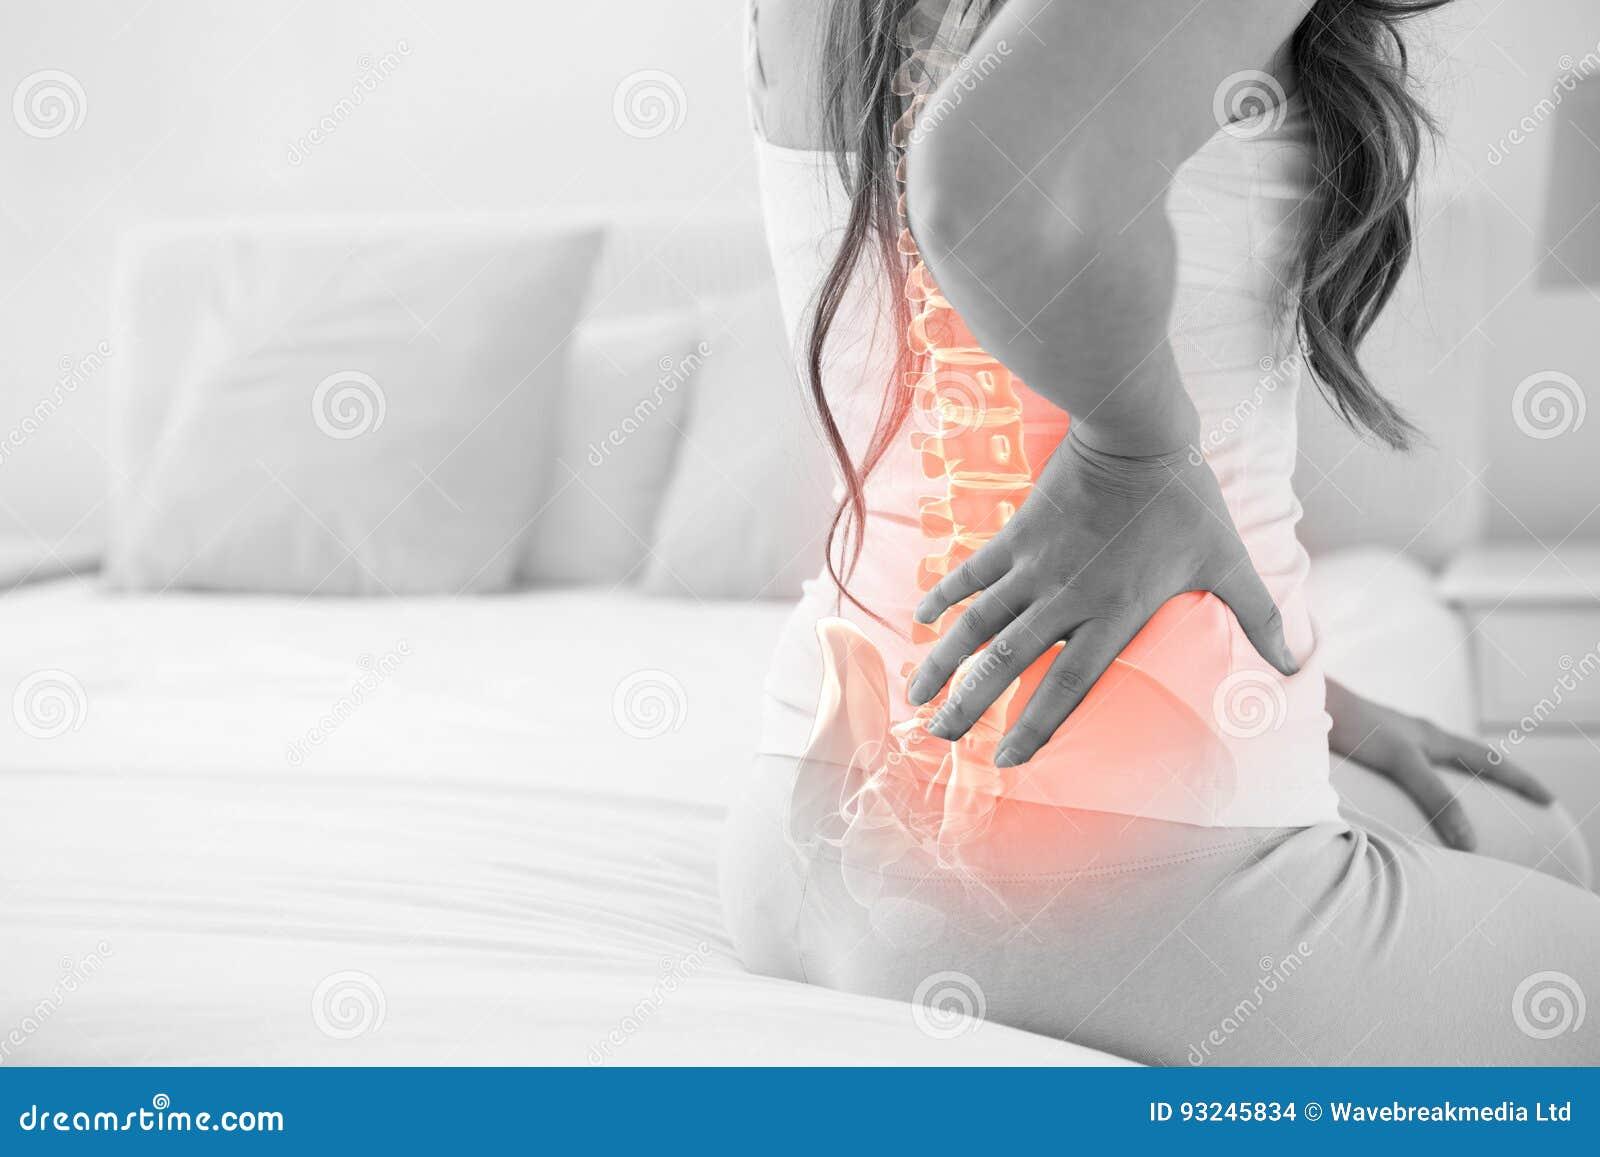 Смесь цифров позвоночника Highlighted женщины с болью в спине